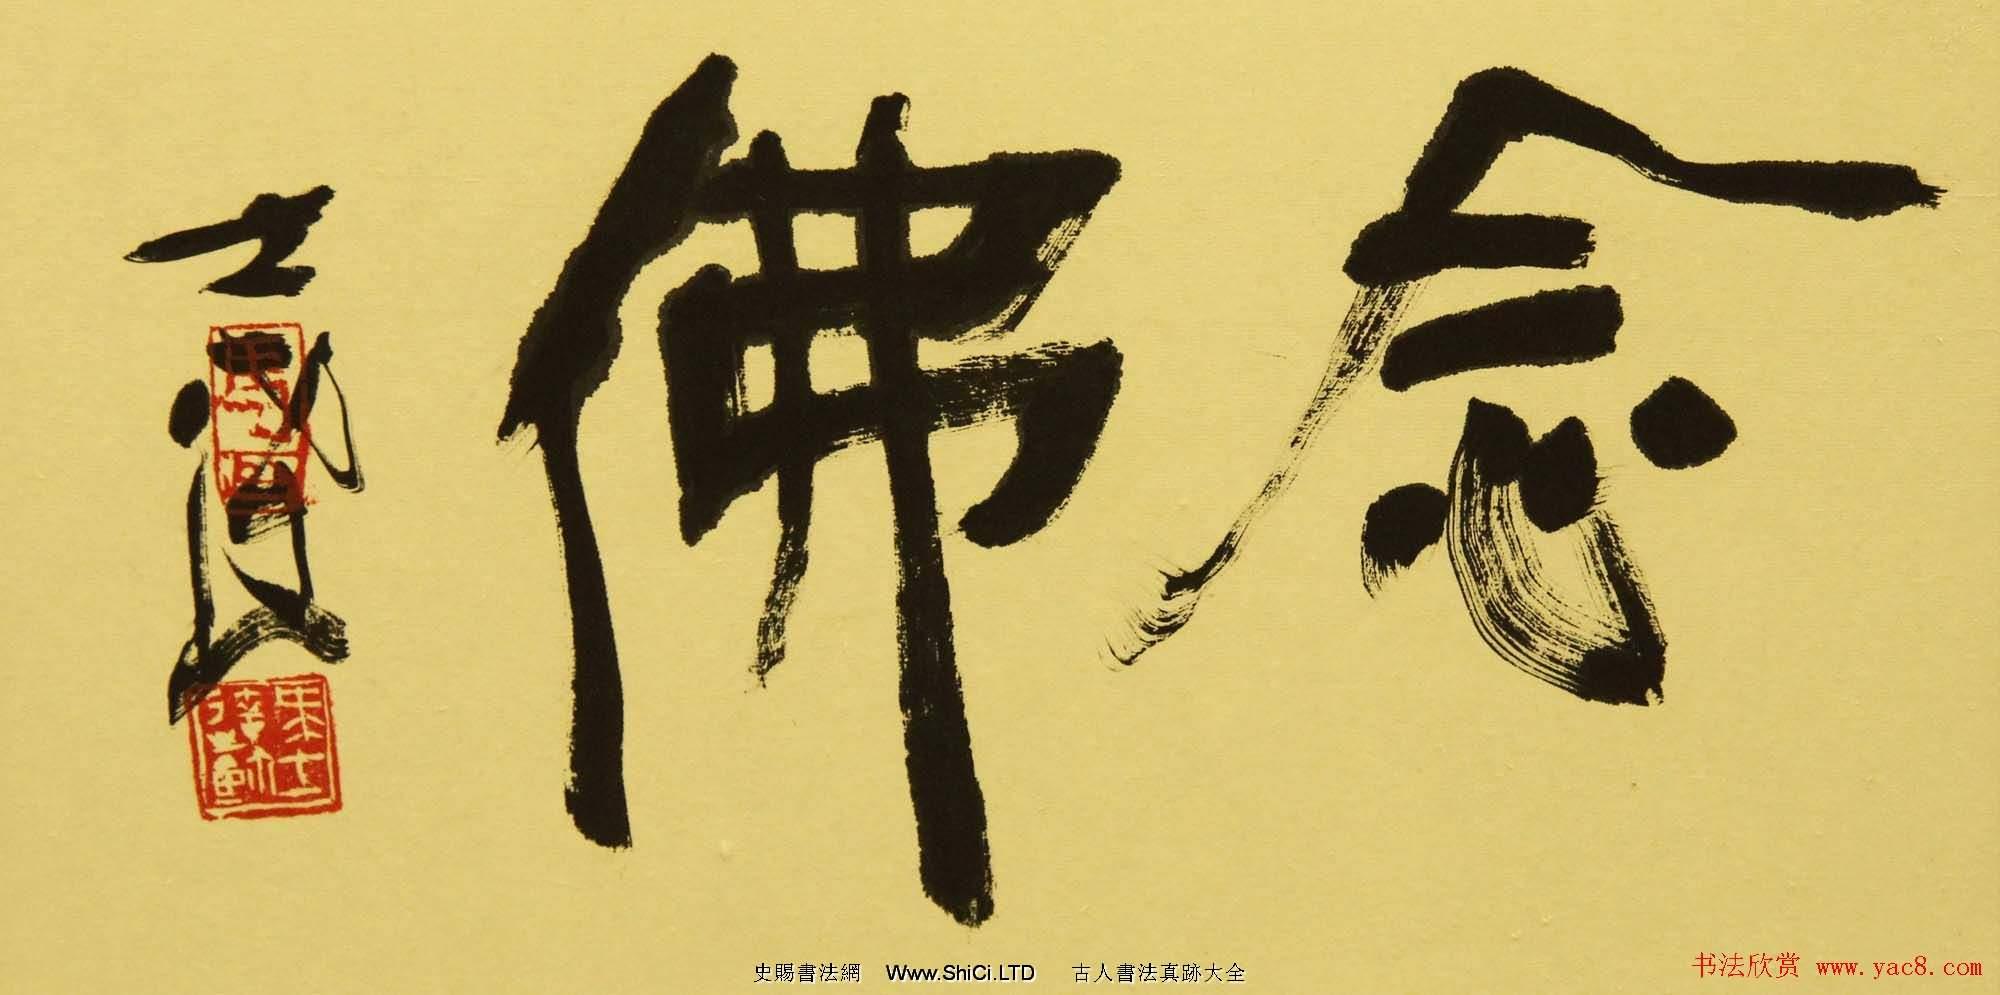 江蘇美術館馬士達書法篆刻展作品真跡欣賞(共21張圖片)